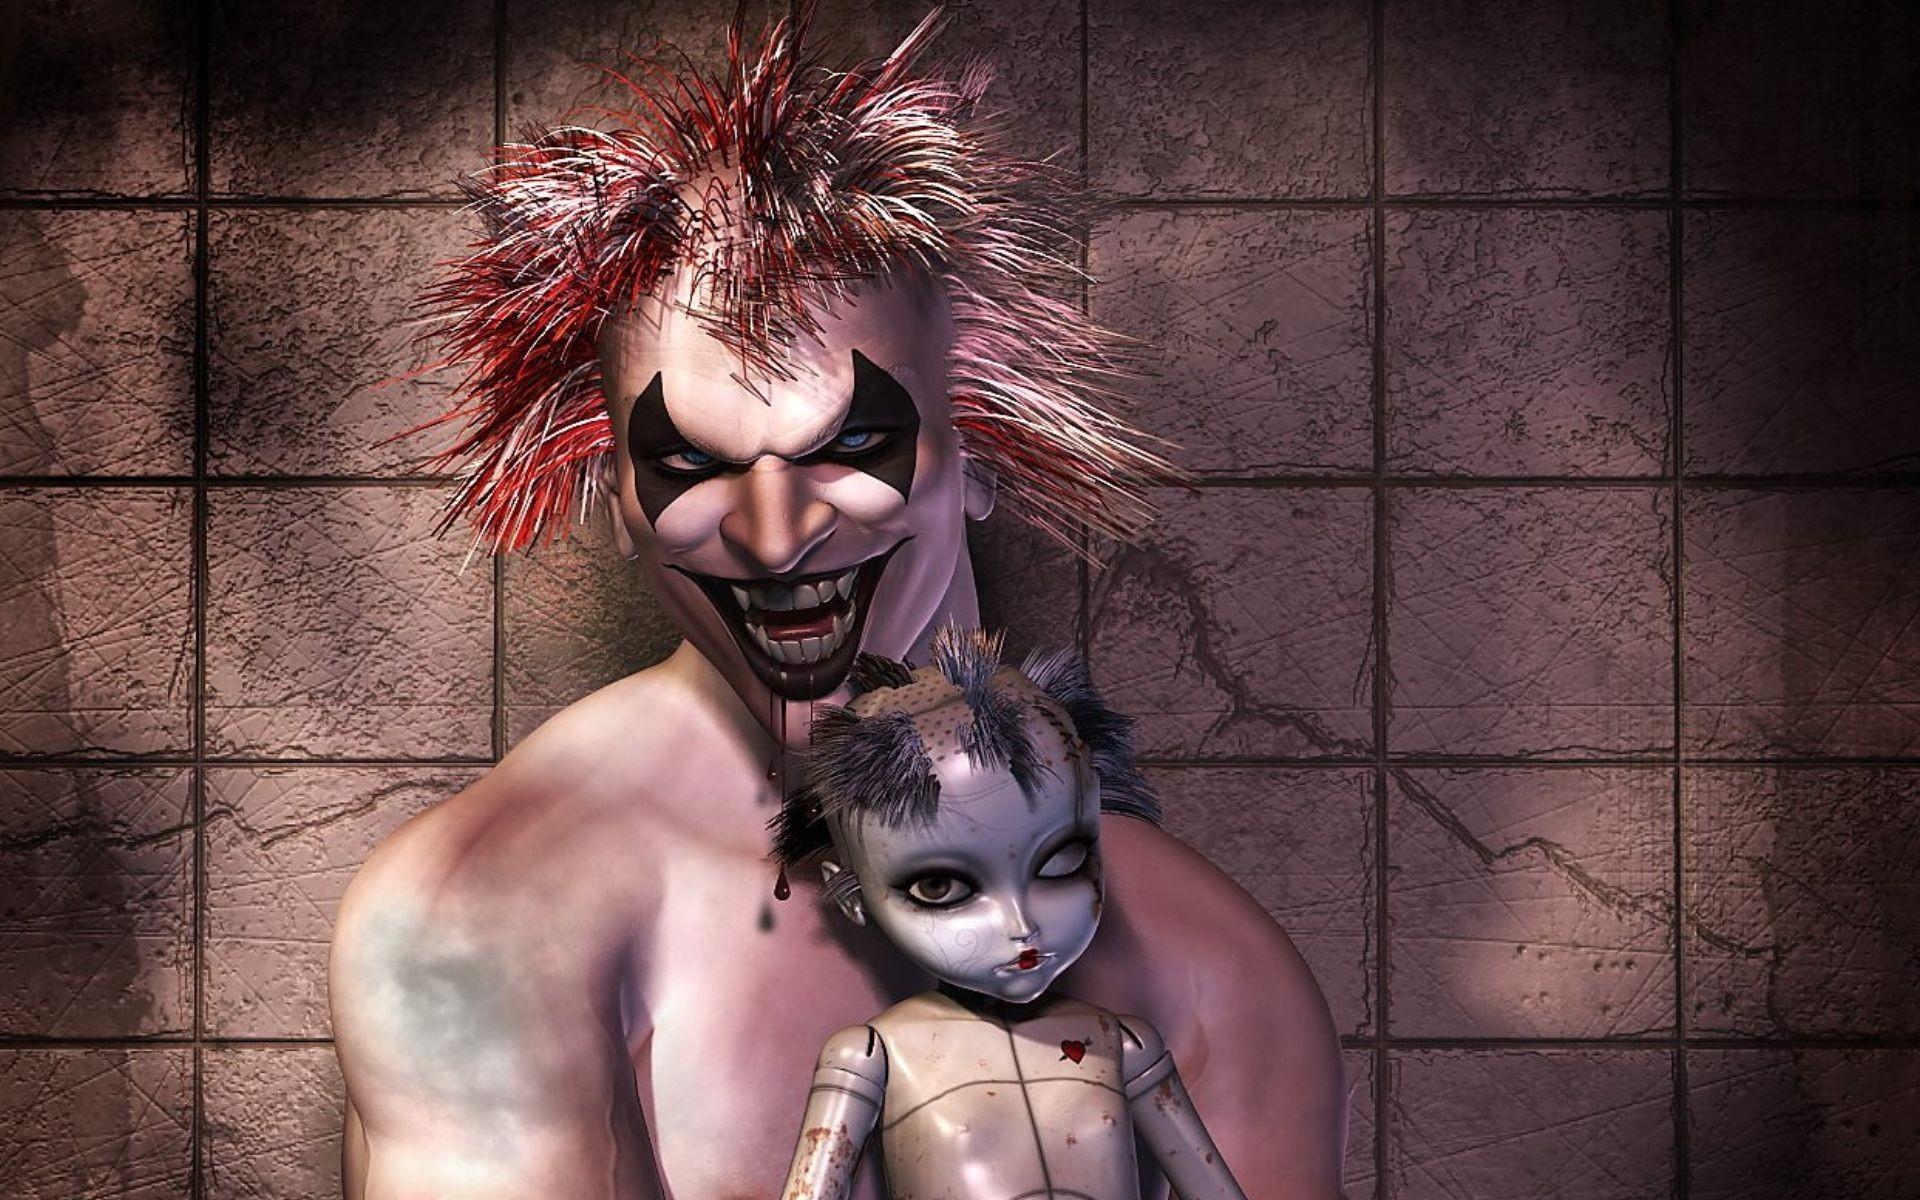 Scary Clown Wallpaper Scary, Clown, Fantasy, Art, Teeth, Fan .